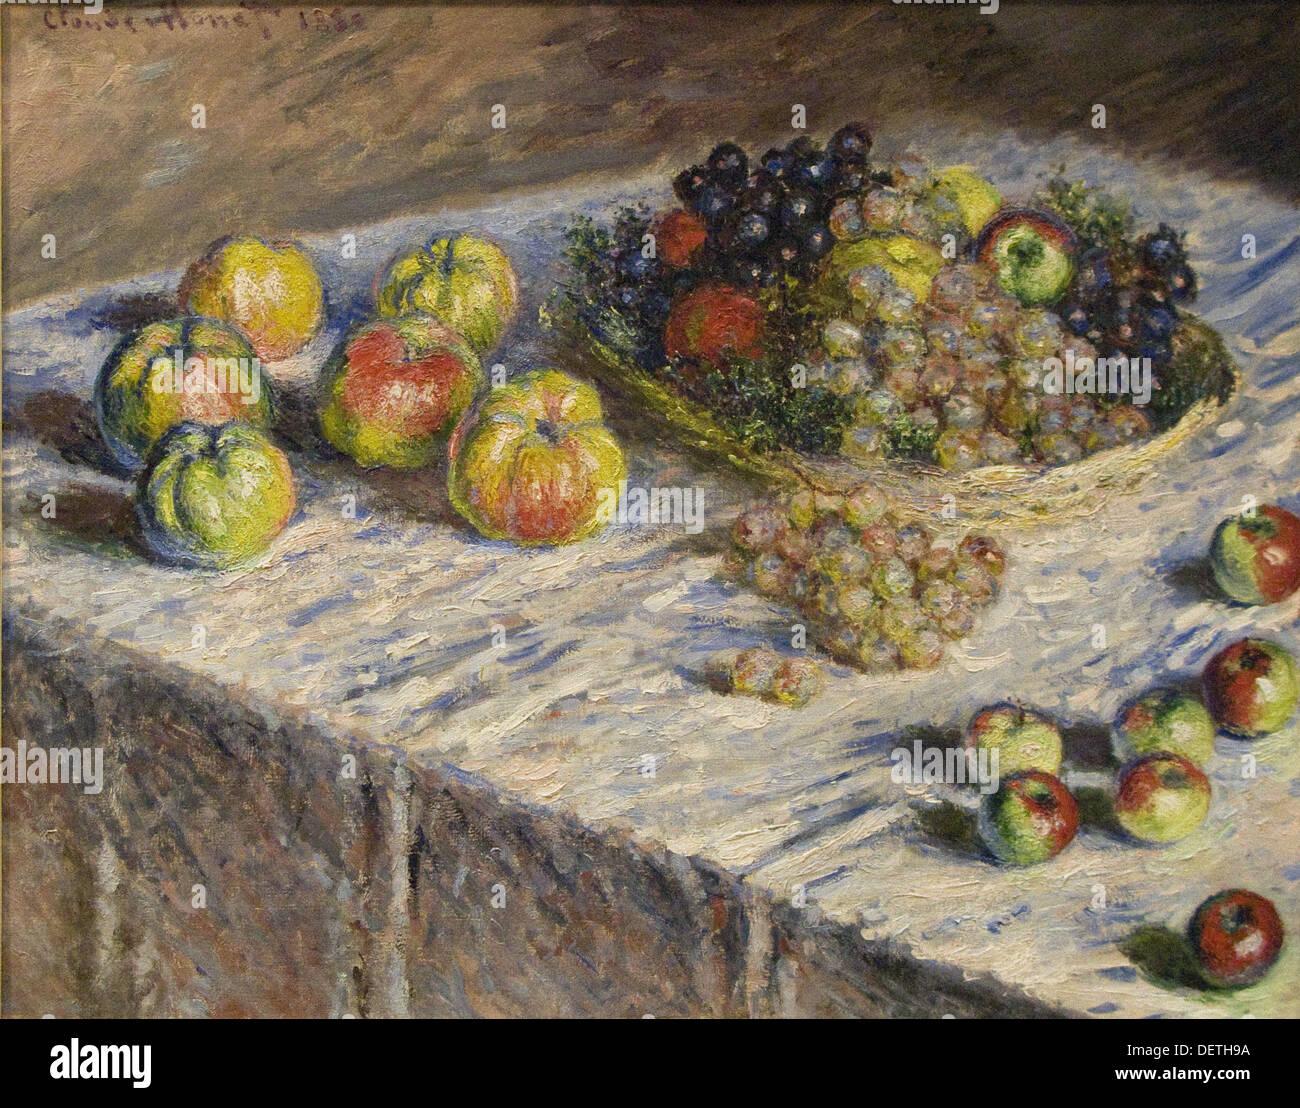 Claude Monet - mele e uva - 1880 - L'Art Institute of Chicago Immagini Stock